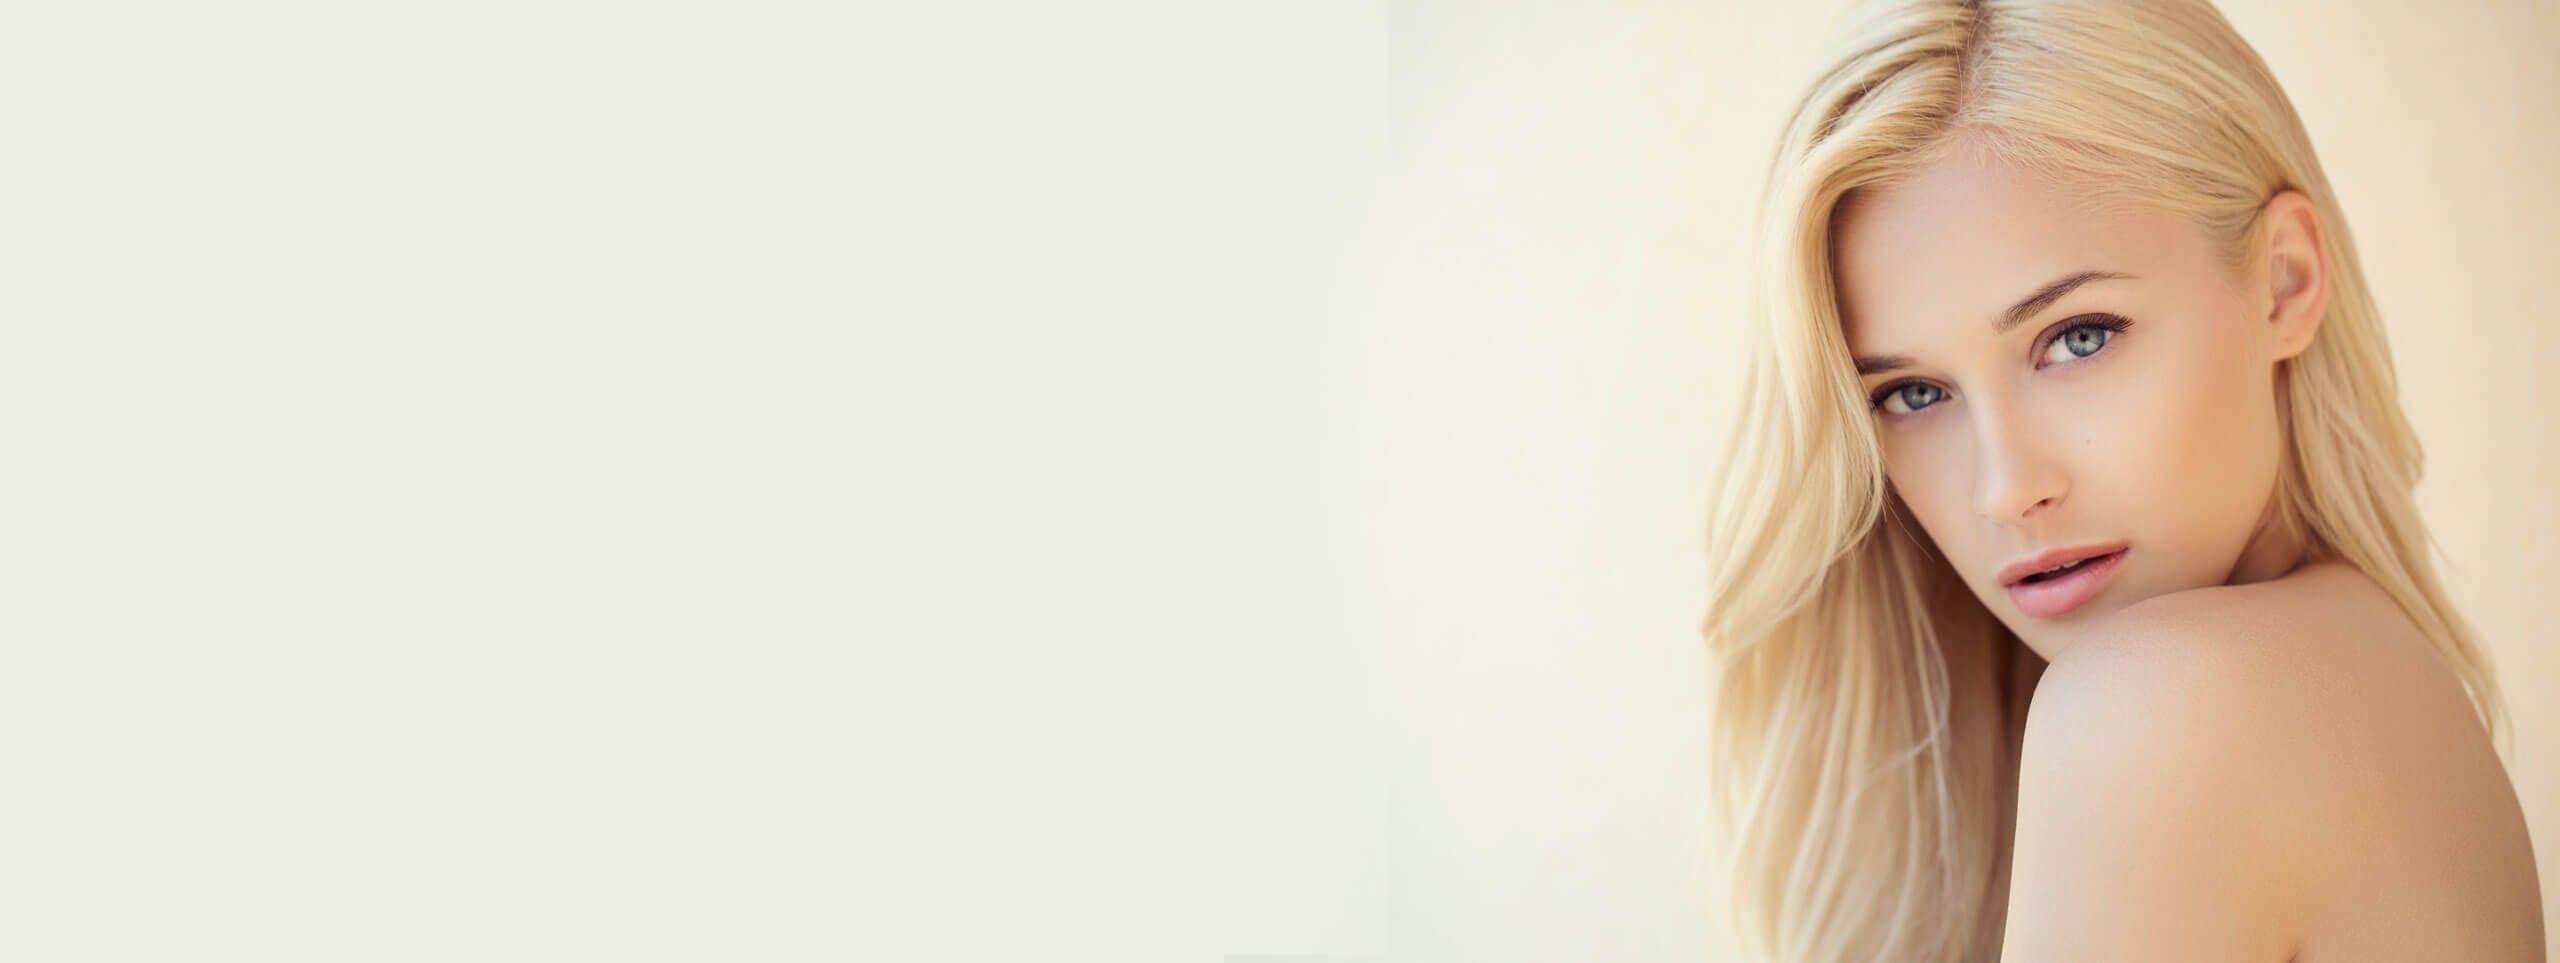 Femme blonde cachée derrière son épaule